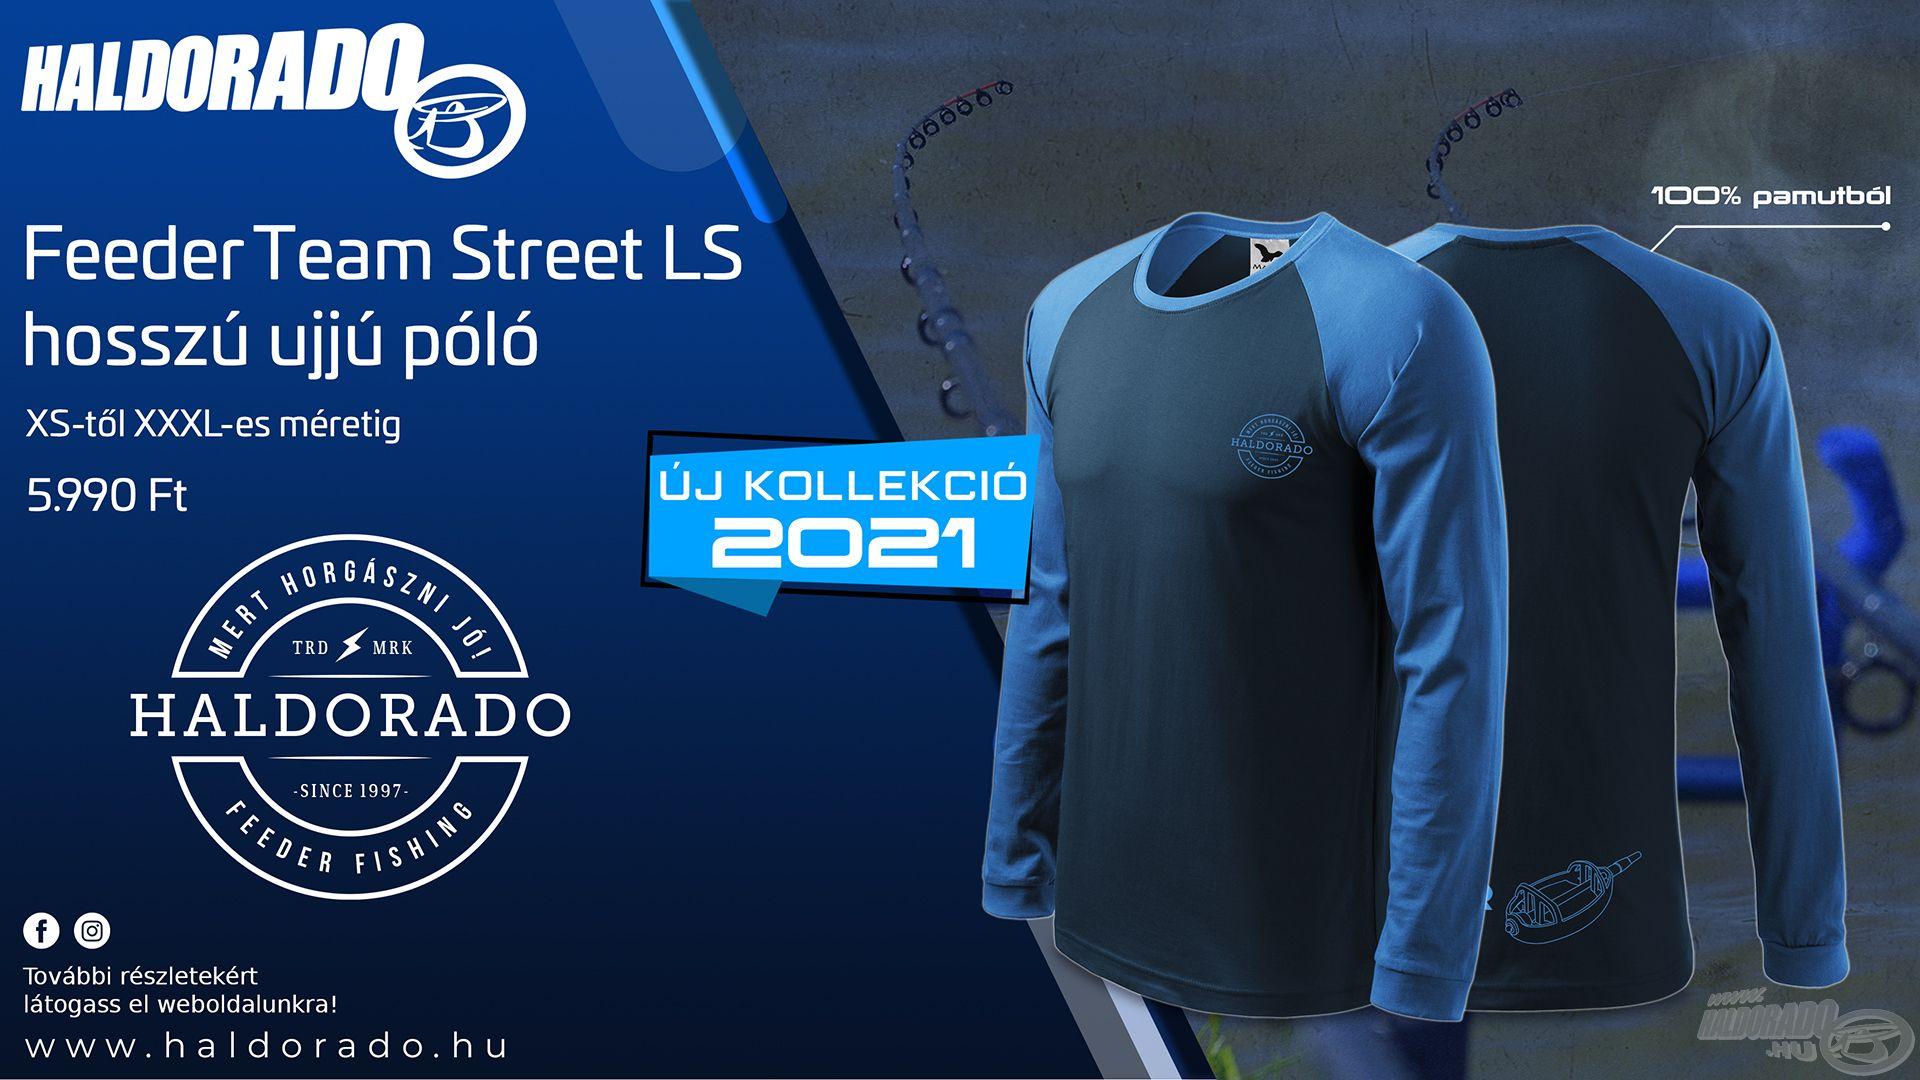 Újabb extra vagány és divatos taggal bővült a saját fejlesztésű, Haldorádó ruházataink kínálata! Íme, a Feeder Team Street LS hosszú ujjú póló kollekció!